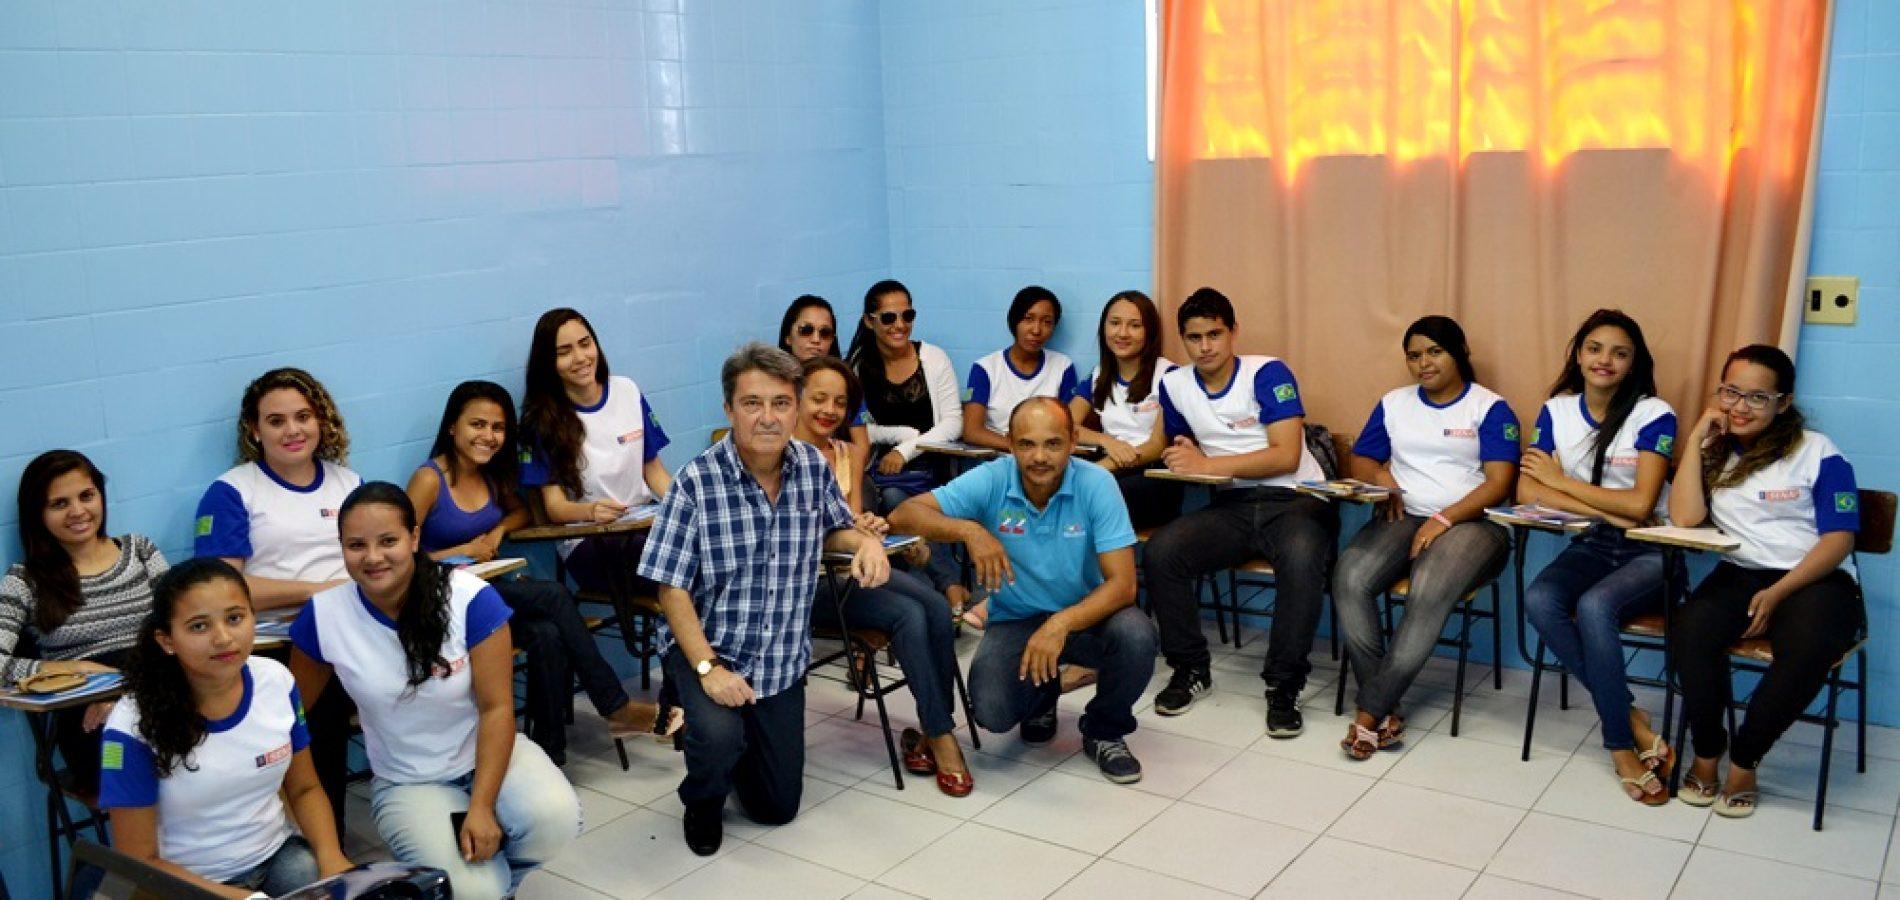 Secretaria de Assistência Social de Jaicós promove curso profissionalizante de cabeleireiro